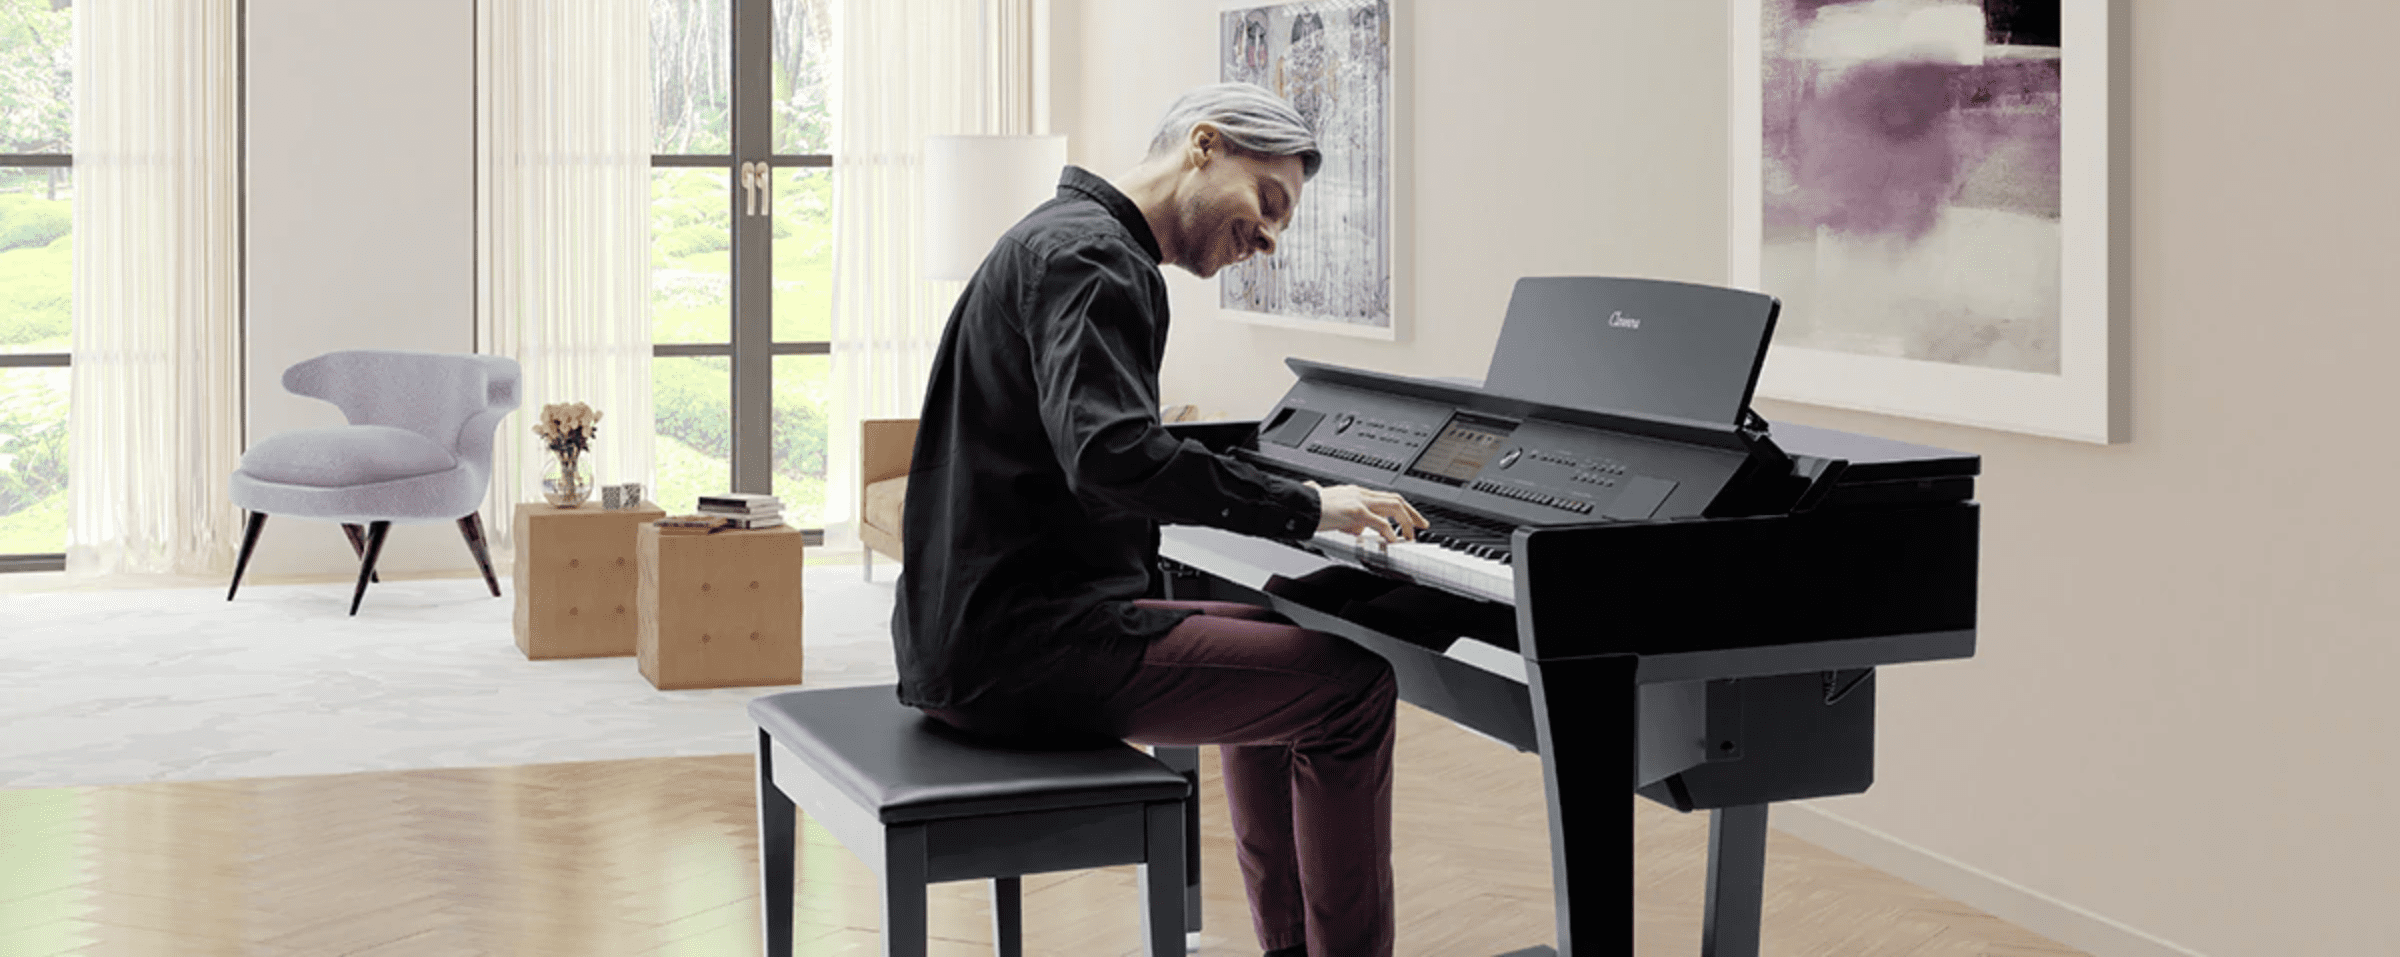 đàn piano điện Yamaha loại nào tốt cho người mới học